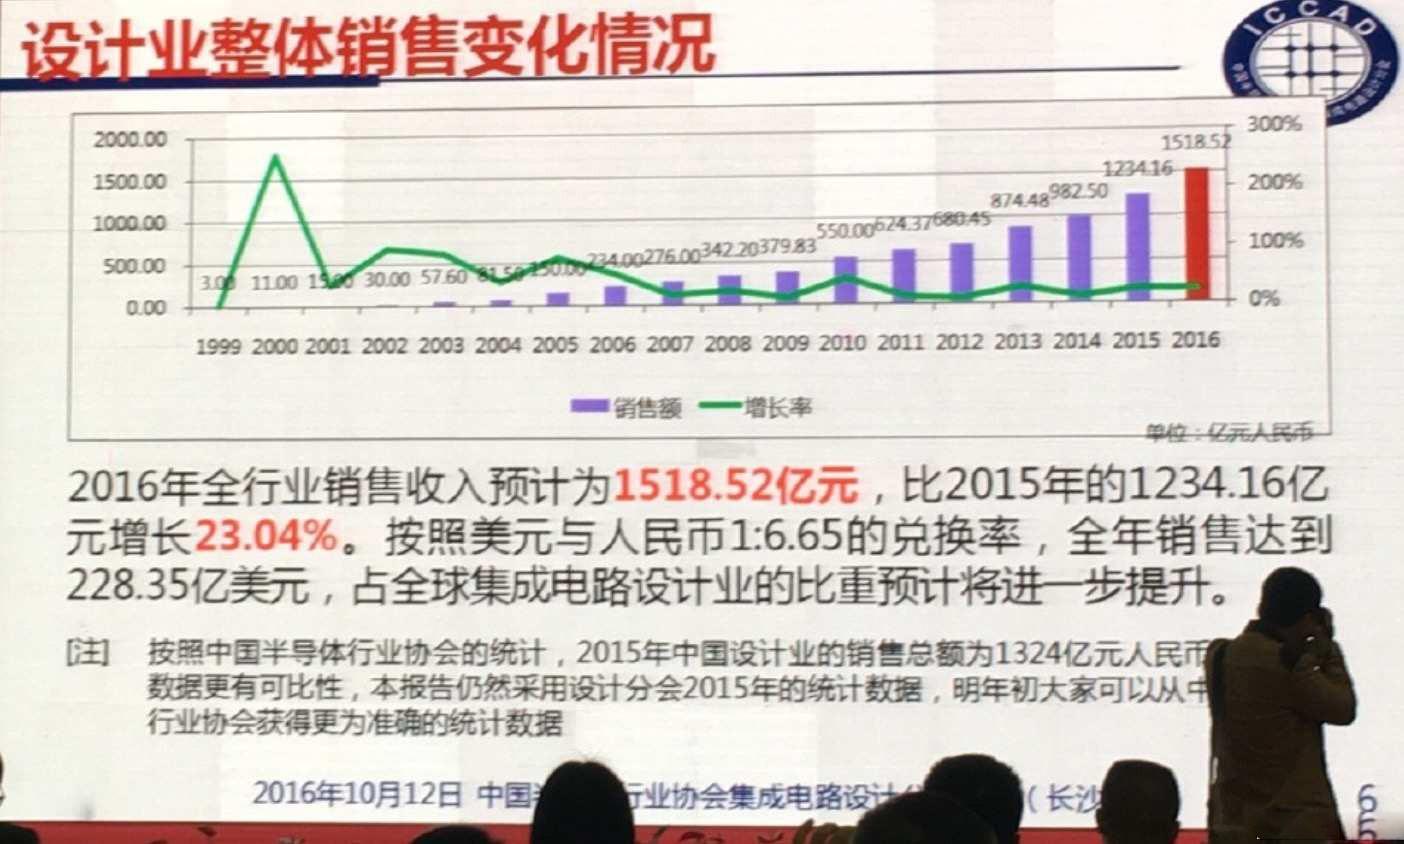 并购重组不断 中国集成电路盛装之下的隐忧